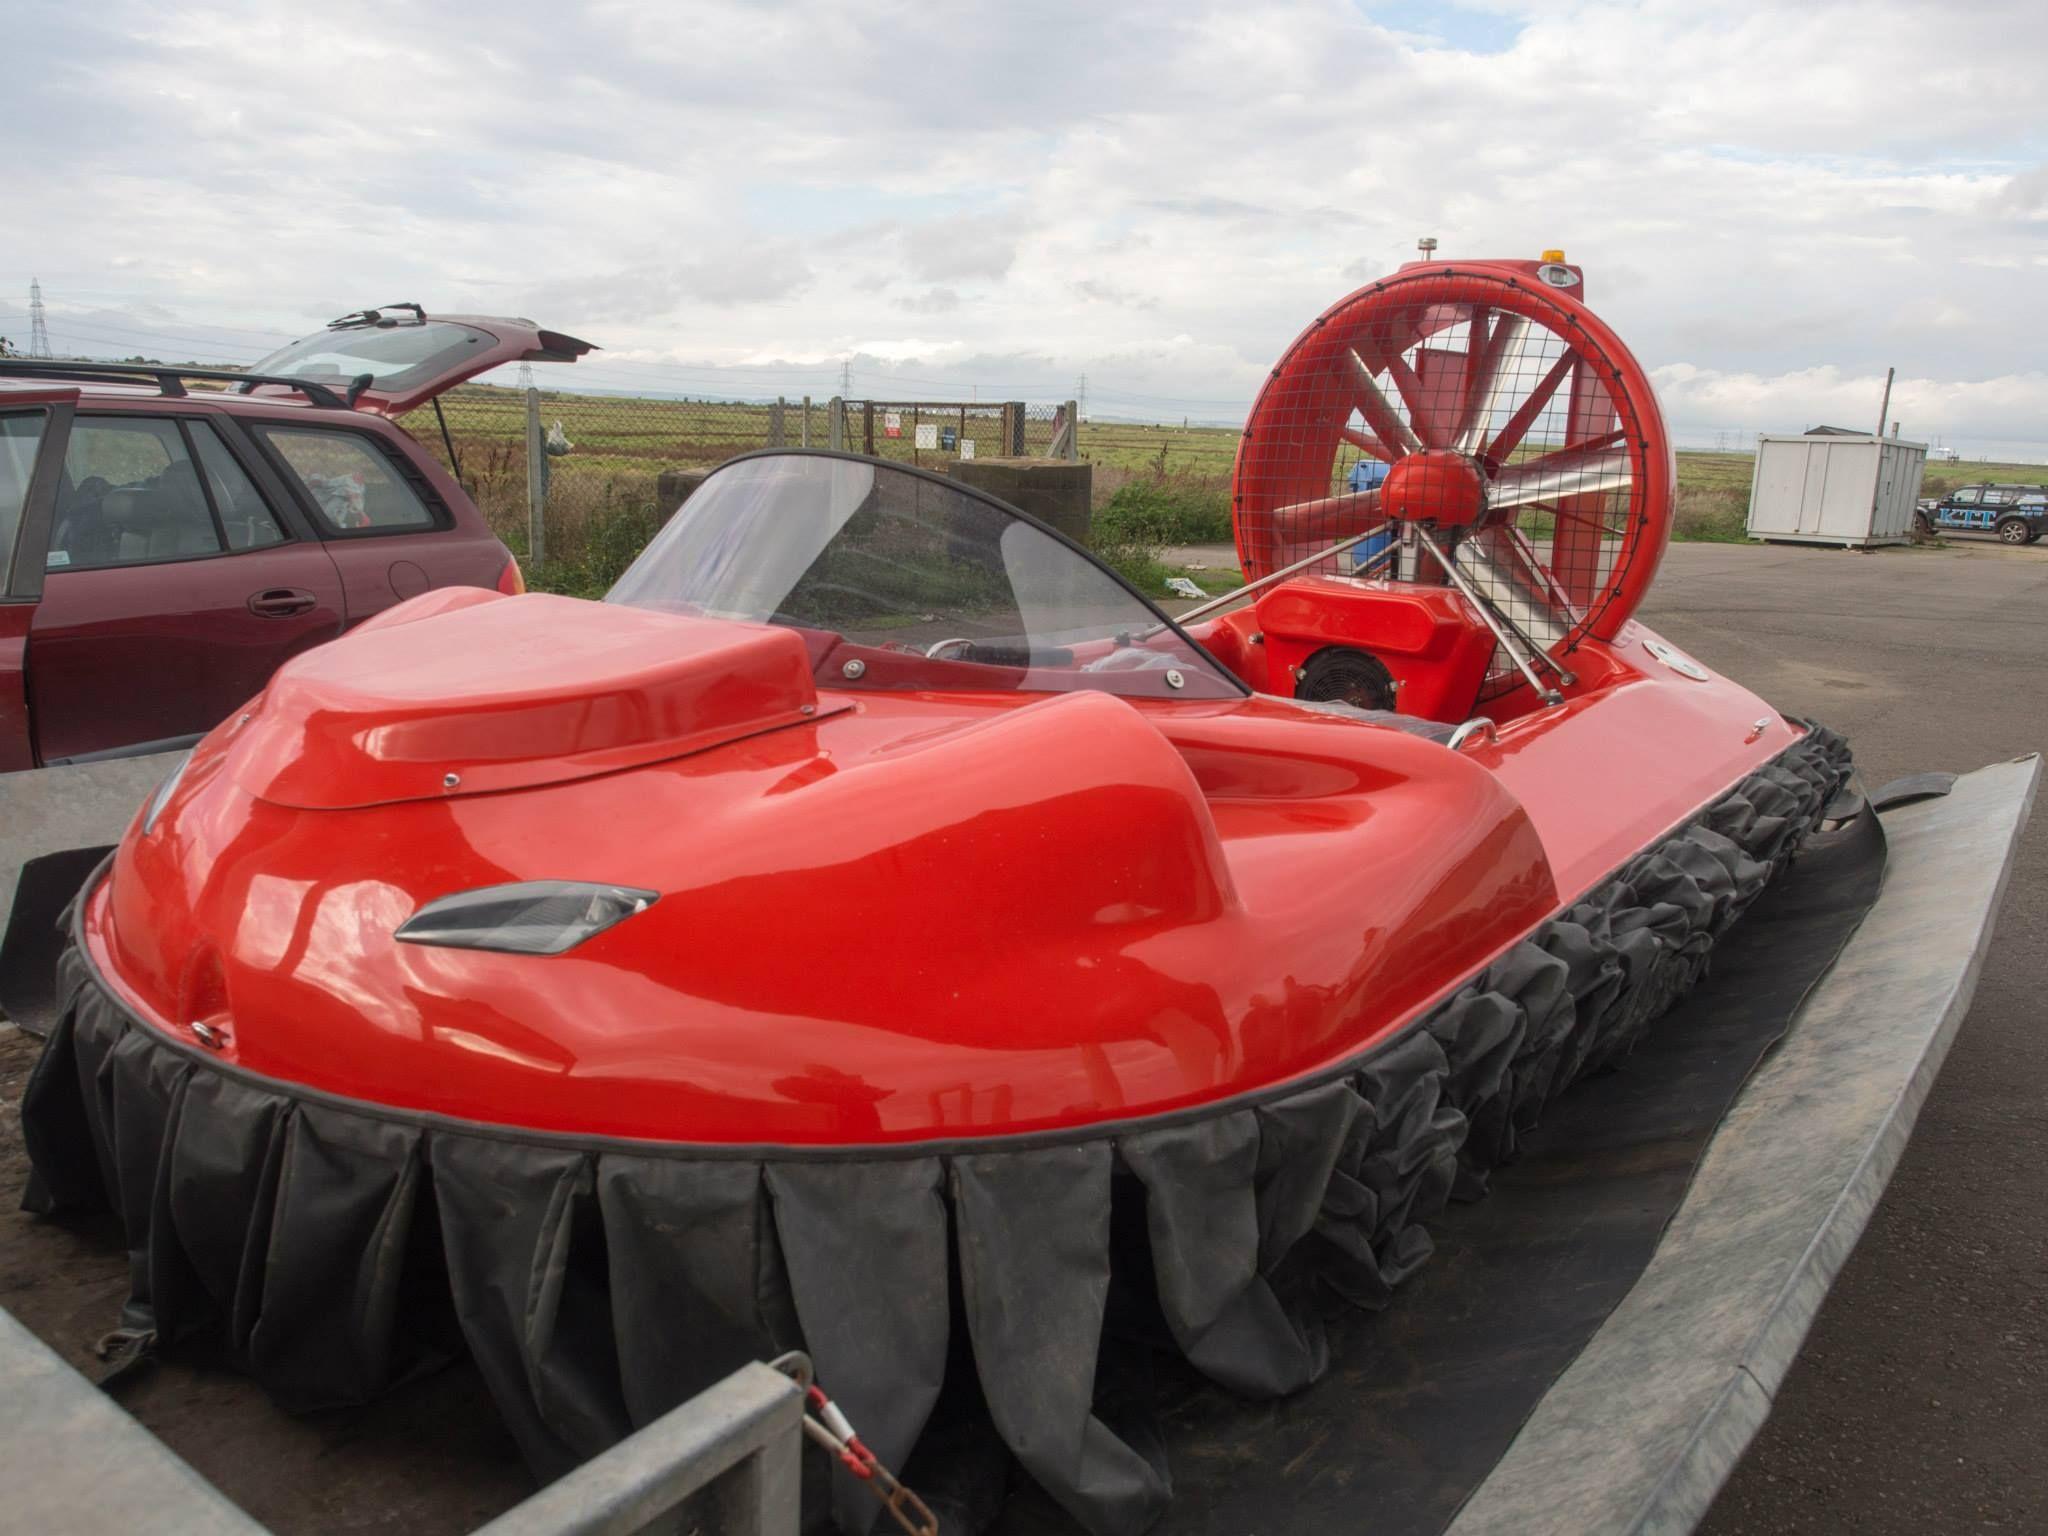 Kaksimoottorinen ilmatyynyalus 3 - 4 henkilön käyttöön.  Tämän uutuusaluksen pituus 4,3 metriä, leveys 2,1 metriä ja kantavuus jopa 4 henkilöä. Coastal Pro Arctic on varustettu kahdella B&S-nelitahtimoottorilla, joten sen käyttökulut ja -mukavuus sekä luotettavuus ovat omistajaystävällisiä. Coastal Pro TWIN sopii myös ammattikäyttöön, sähkölaitoksille, rakentajille, pelastuslaitoksille... kaikille joiden on pakko liikkua vesistöissä vuoden ajasta riippumatta.